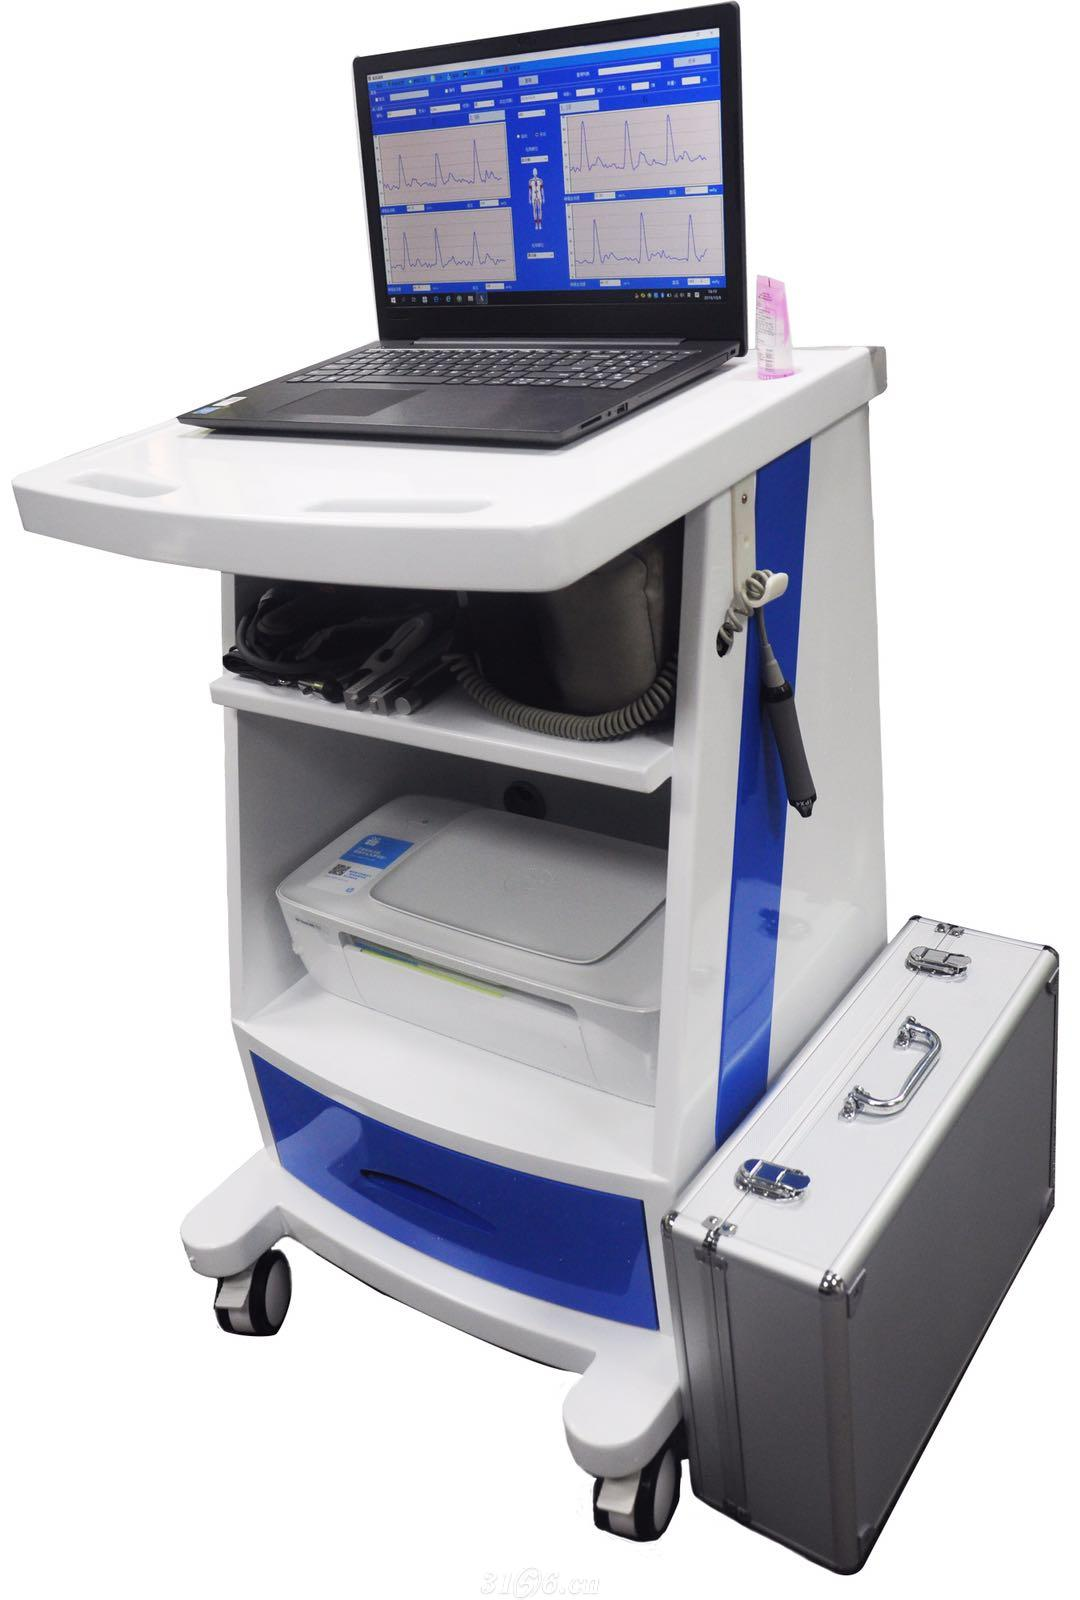 厂家特供糖尿病足诊断箱/YW-100超声多普勒血流检测仪